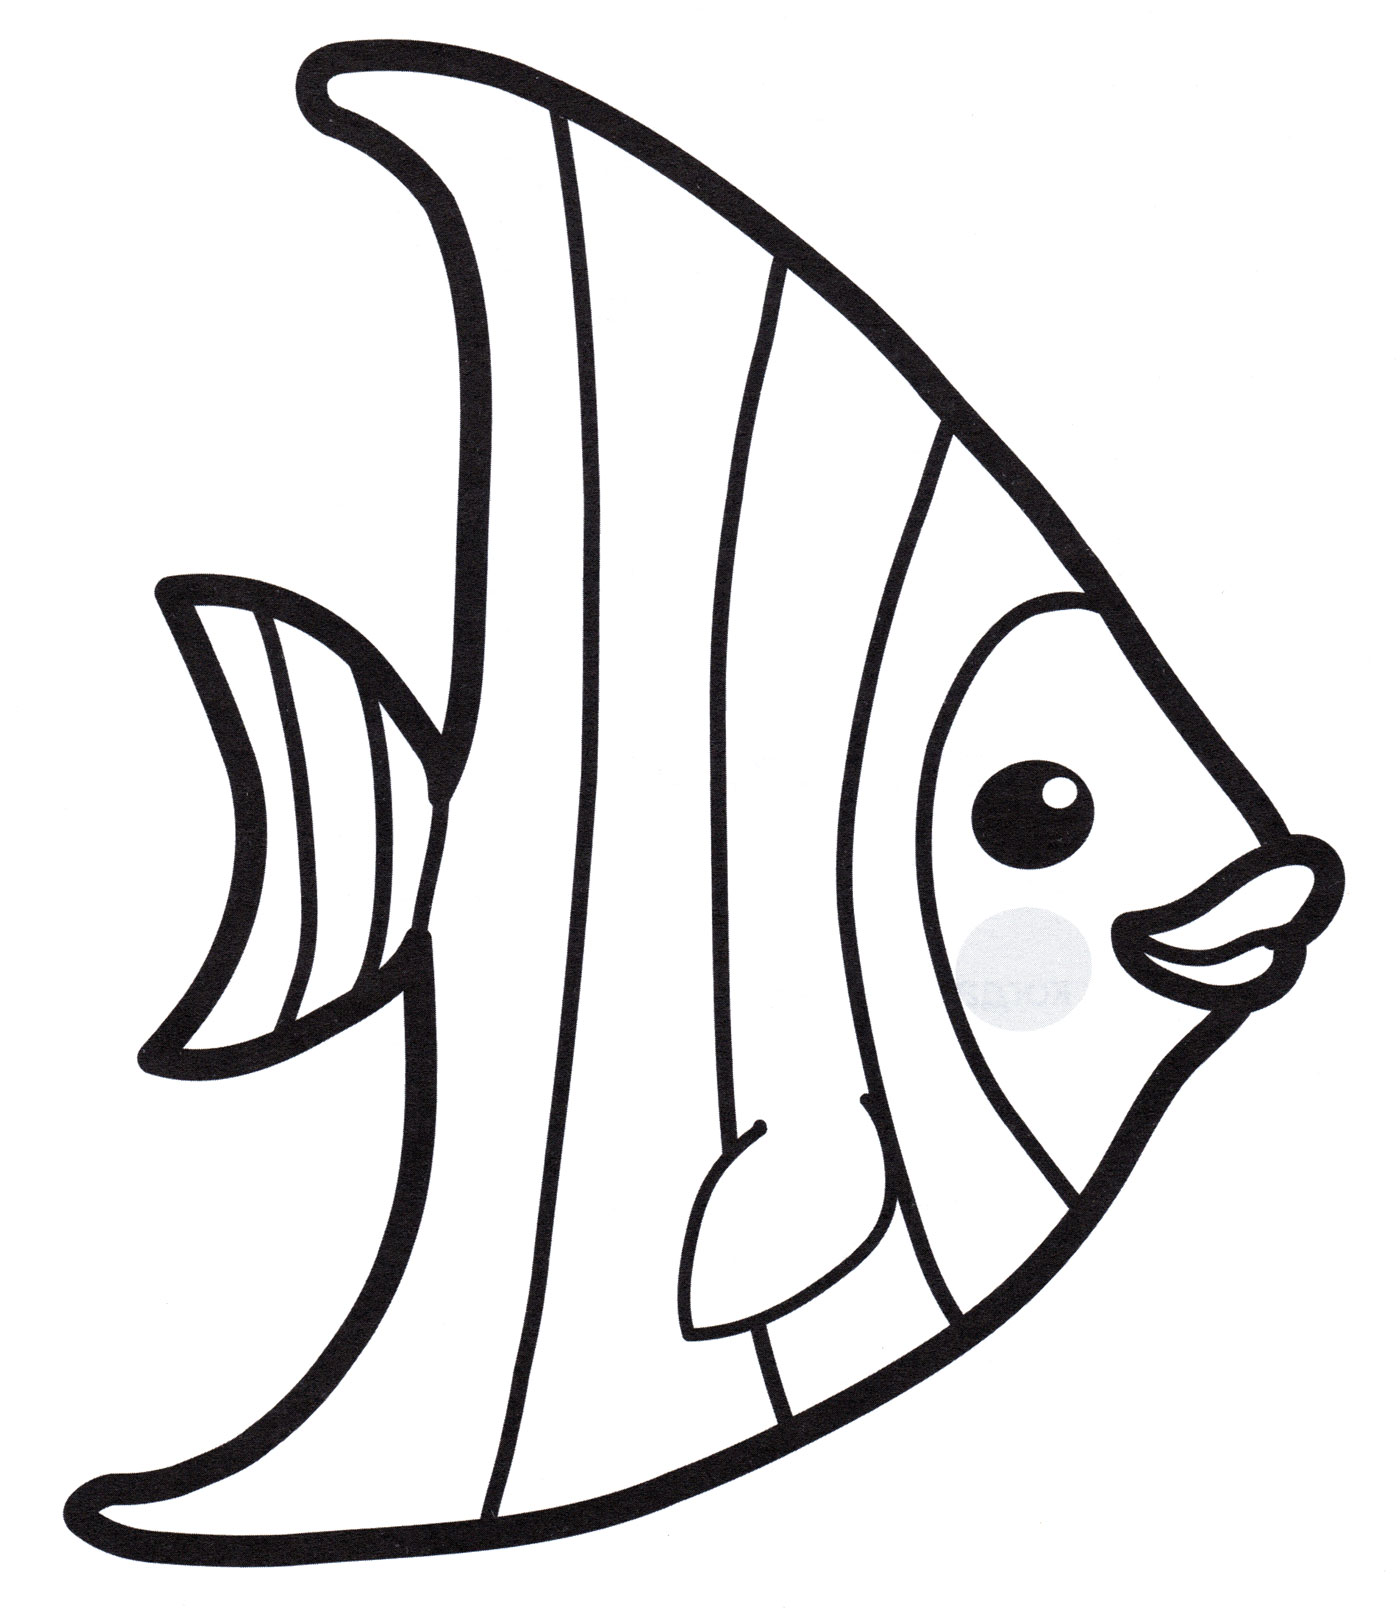 Раскраска Полосатая рыбка - распечатать бесплатно